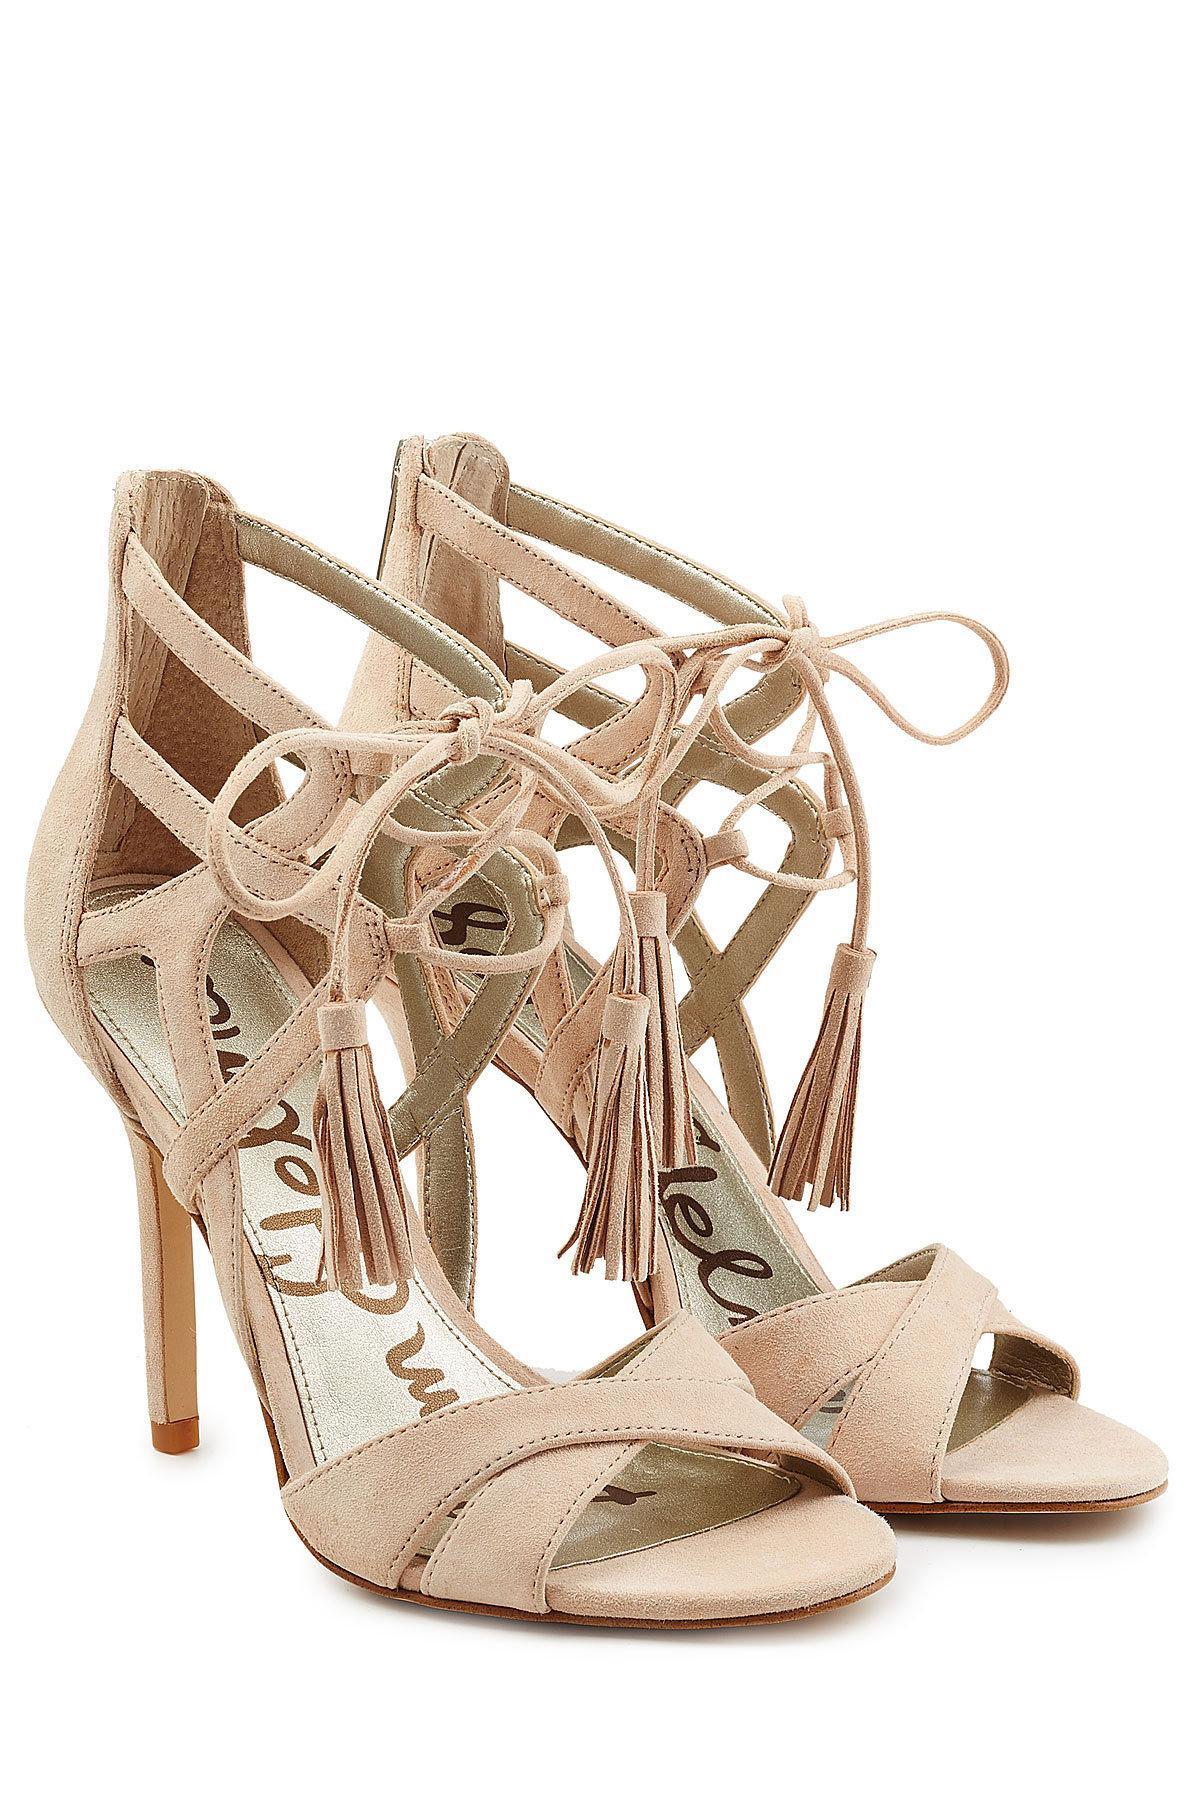 df6db7a8c Lyst - Sam Edelman Azela Suede Stiletto Sandals